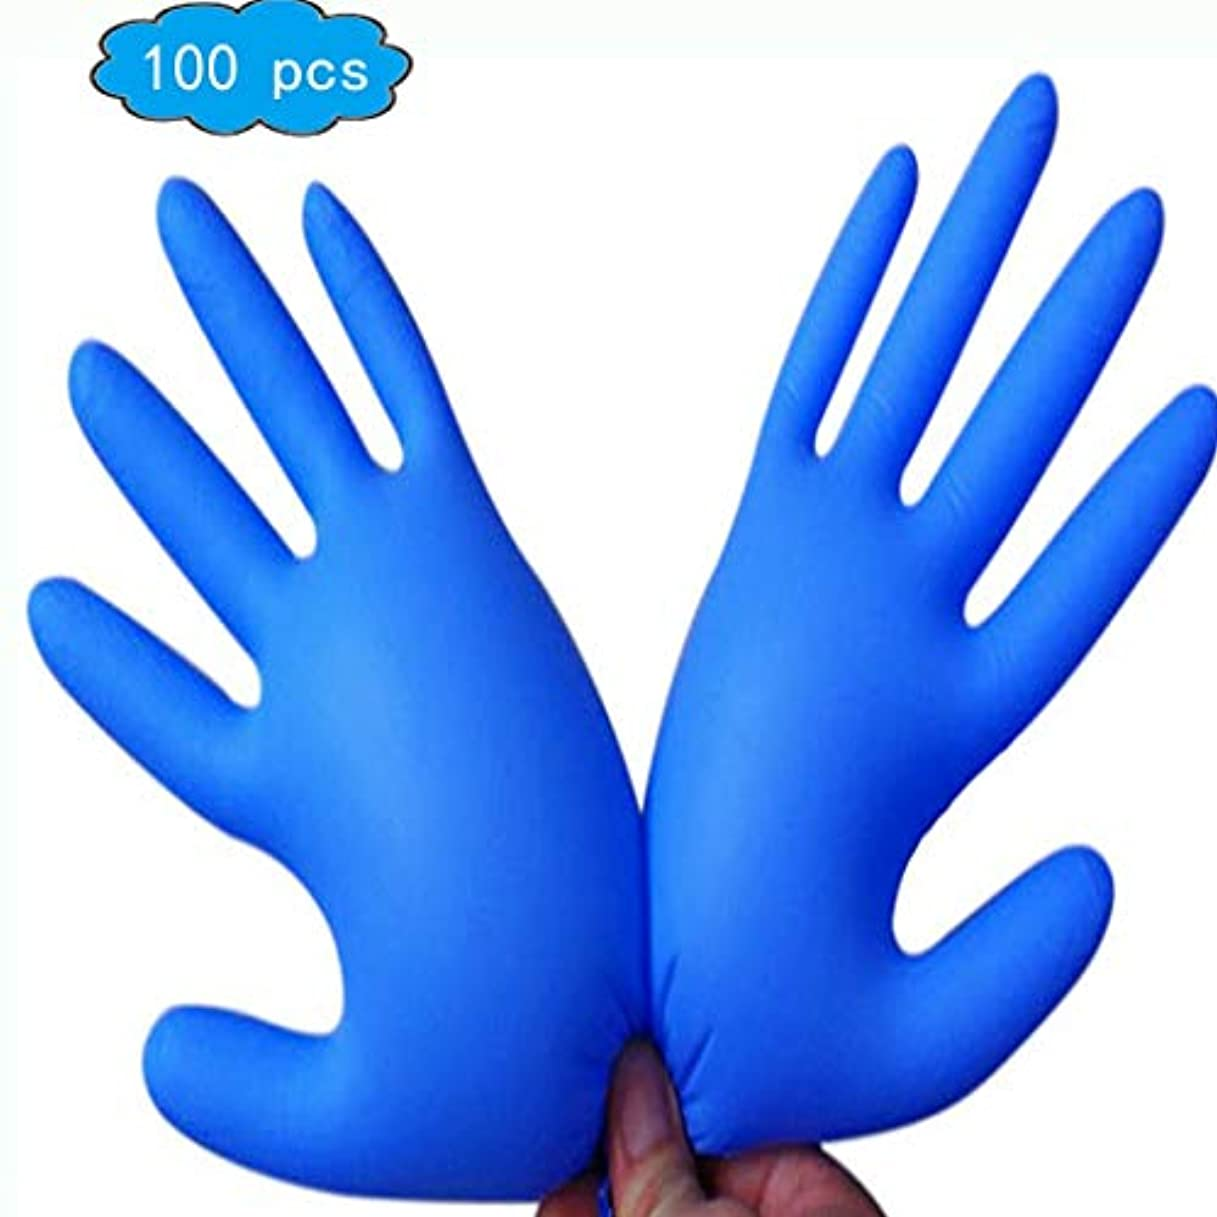 通常必要とするスノーケル使い捨てニトリル試験手袋、(青)、医療グレード、ラテックスフリー、パウダーフリー、食品安全(100)、家庭用品、手と腕の保護 (Color : Blue, Size : L)